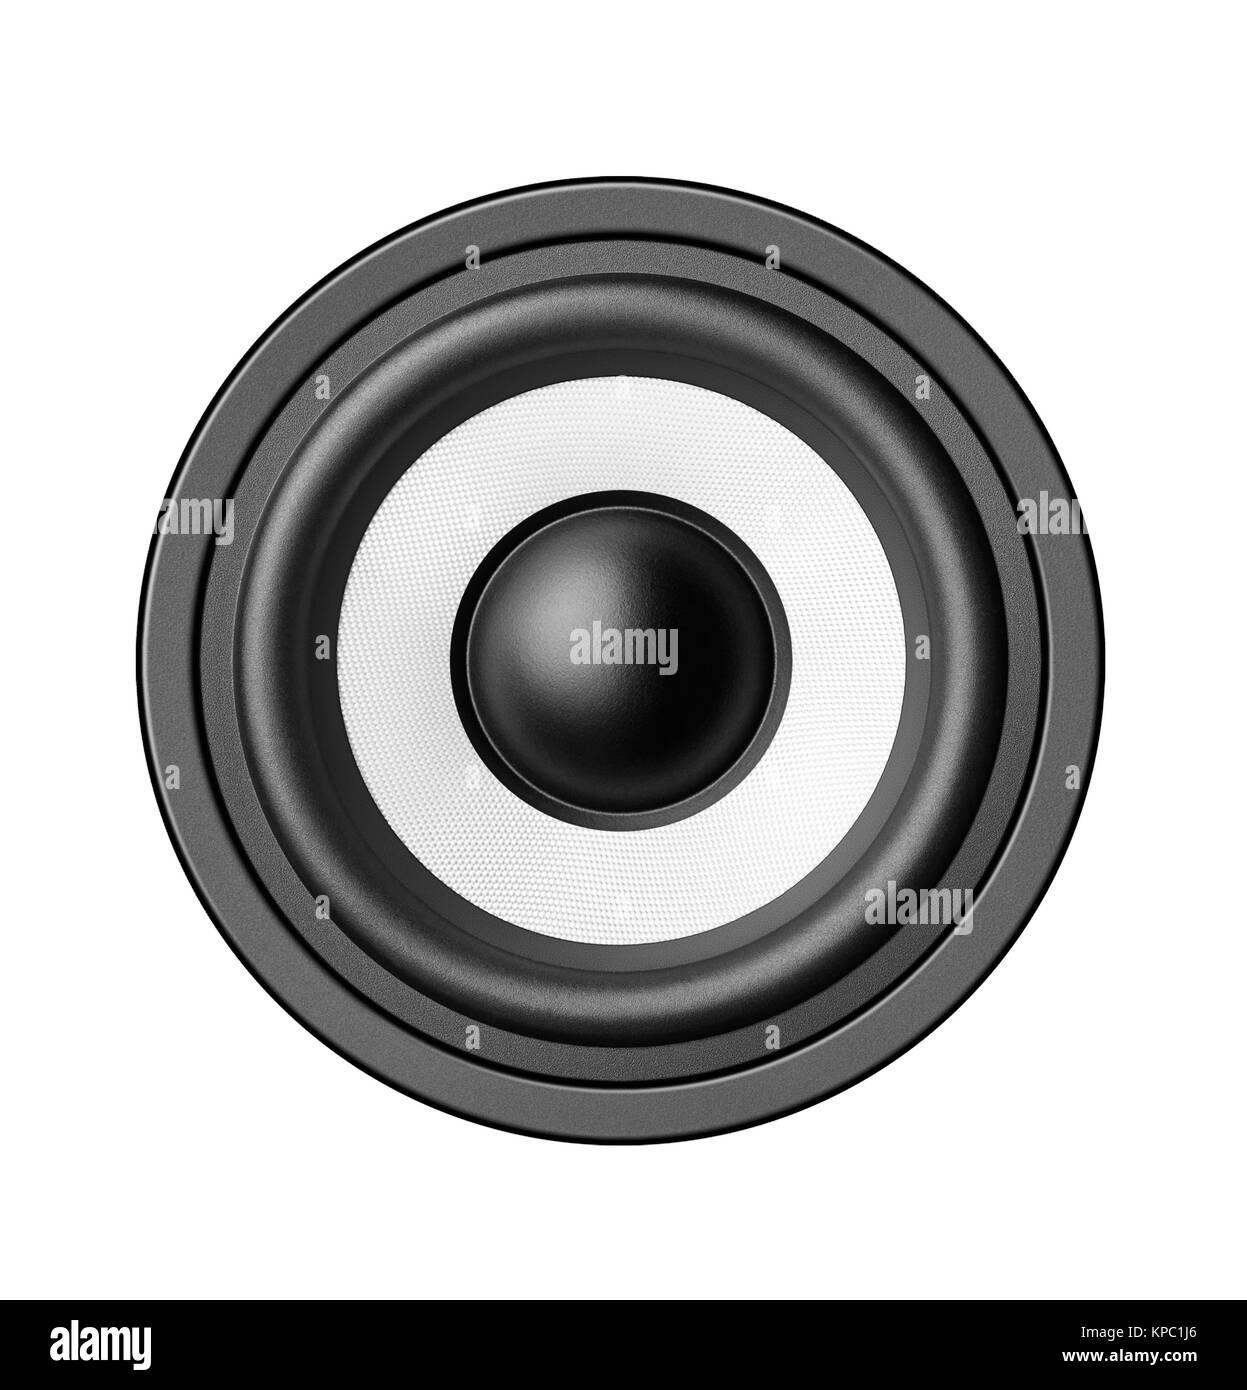 Speaker isolated on white background - Stock Image